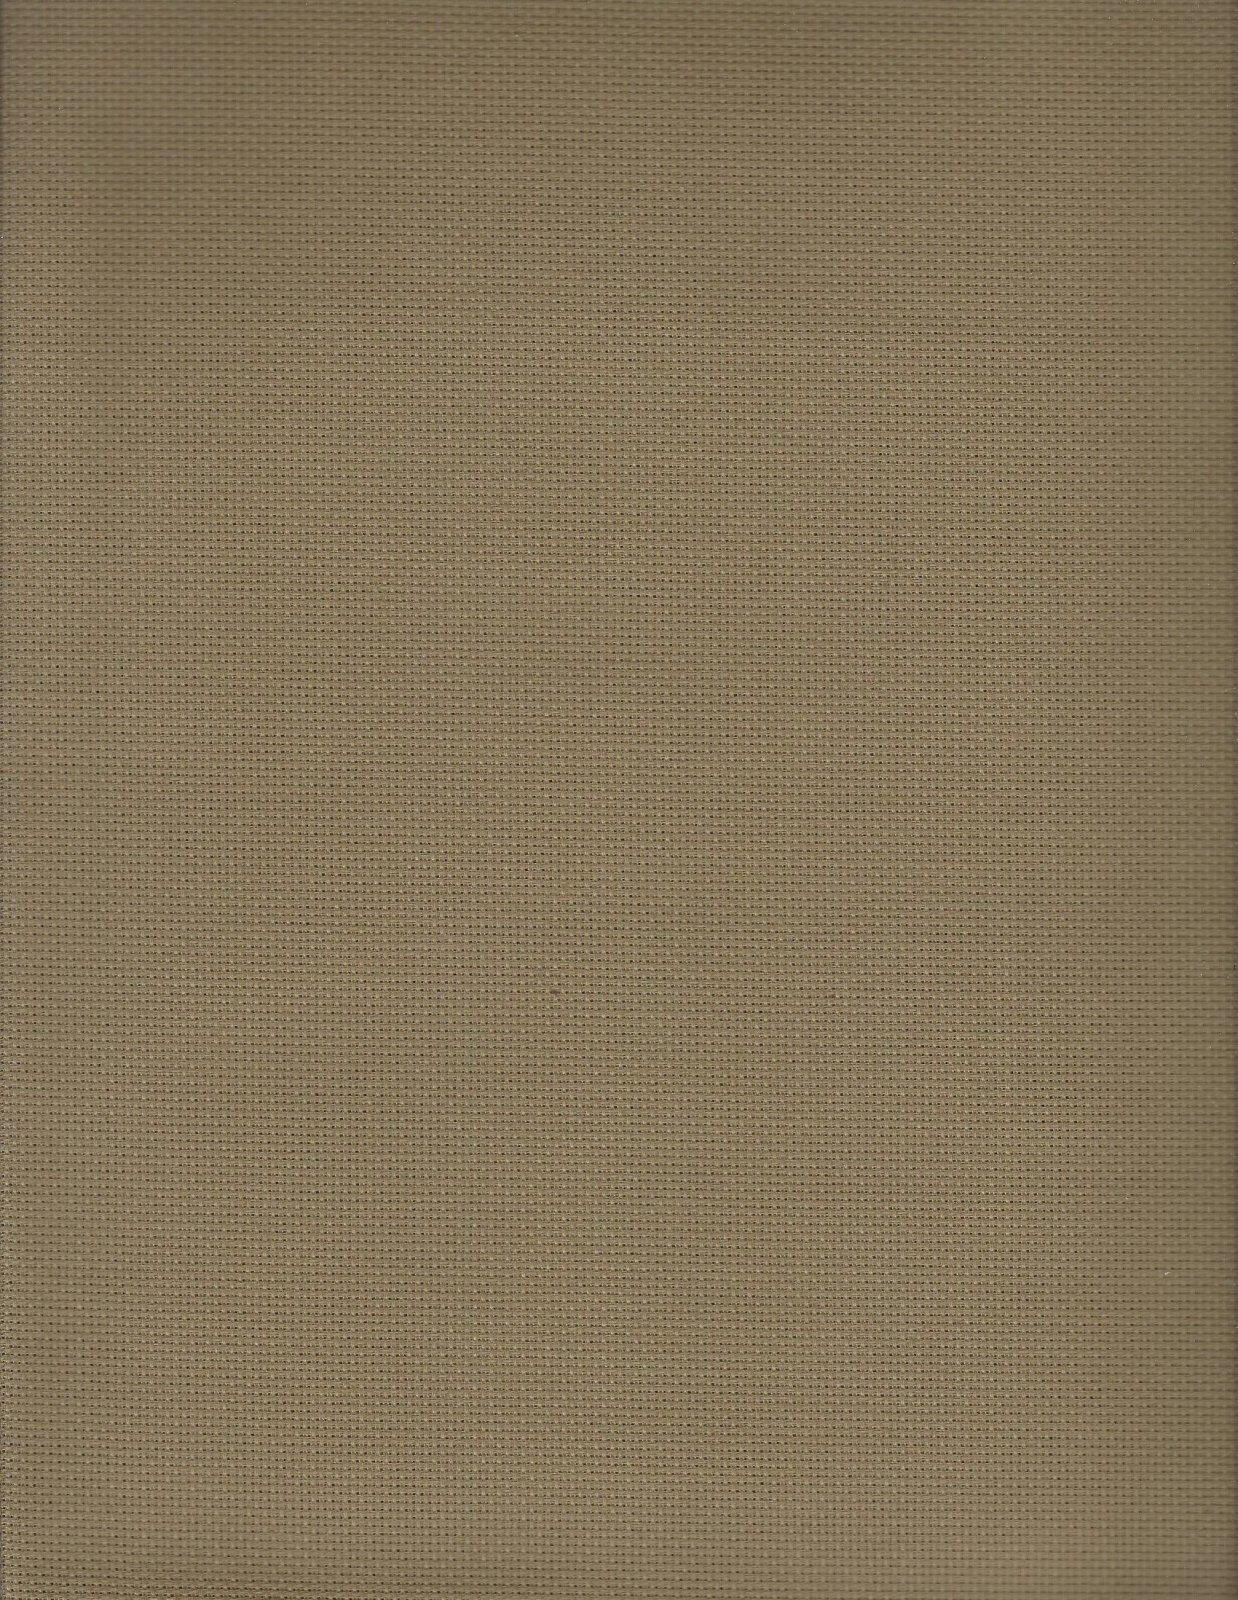 Aida 18ct Khaki (discontinued color)